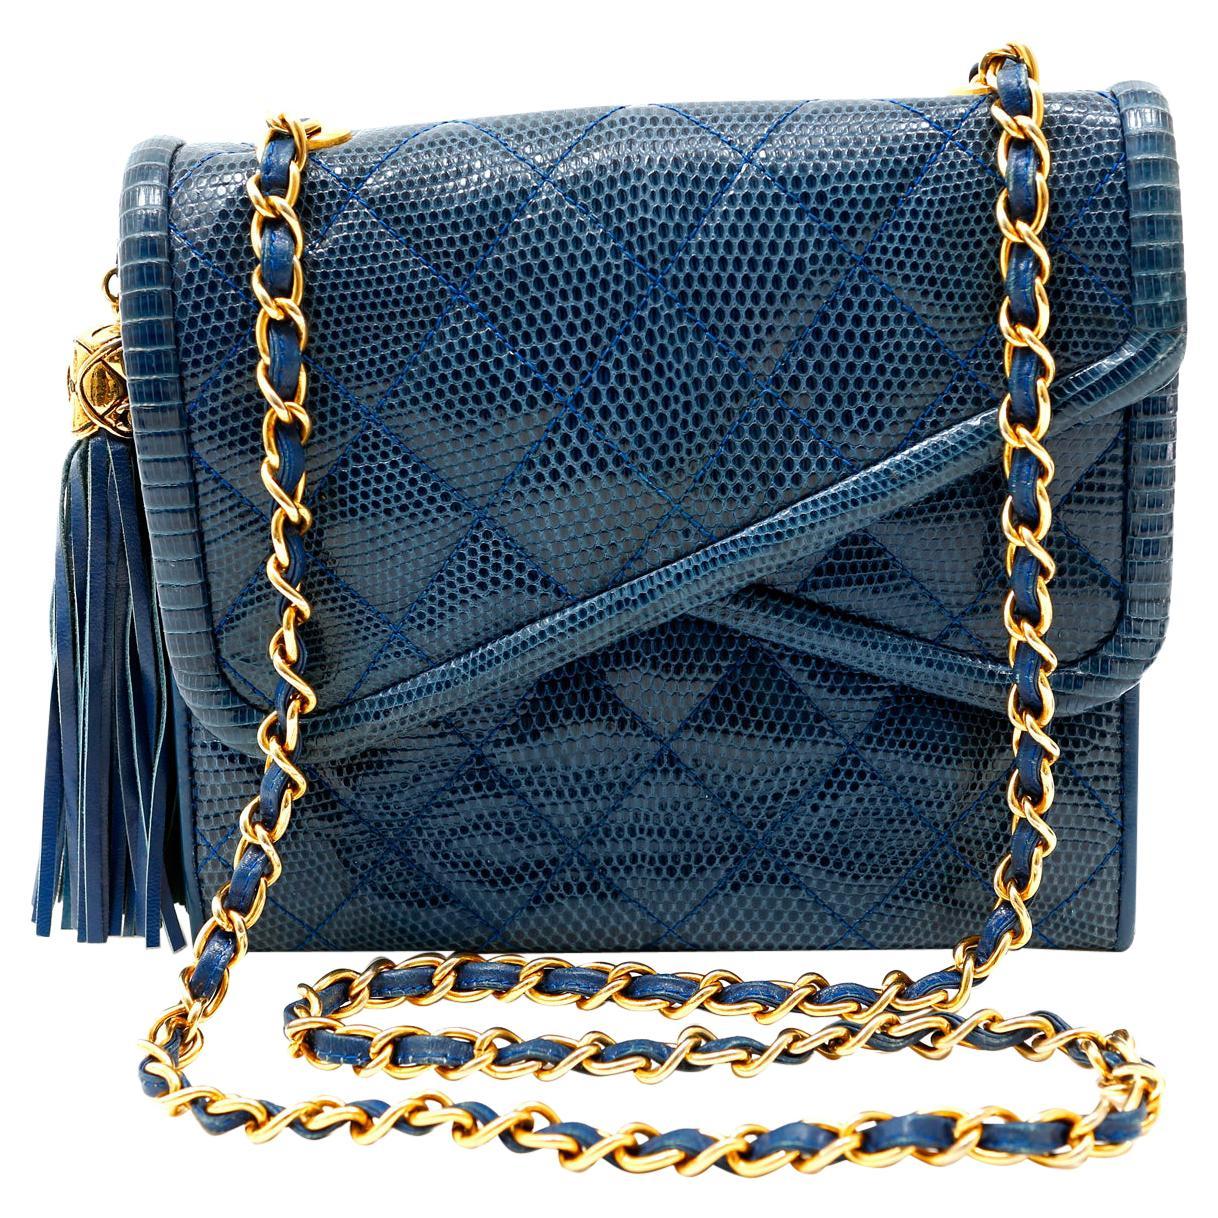 Chanel Blue Lizard Vintage Double Flap Envelope Bag